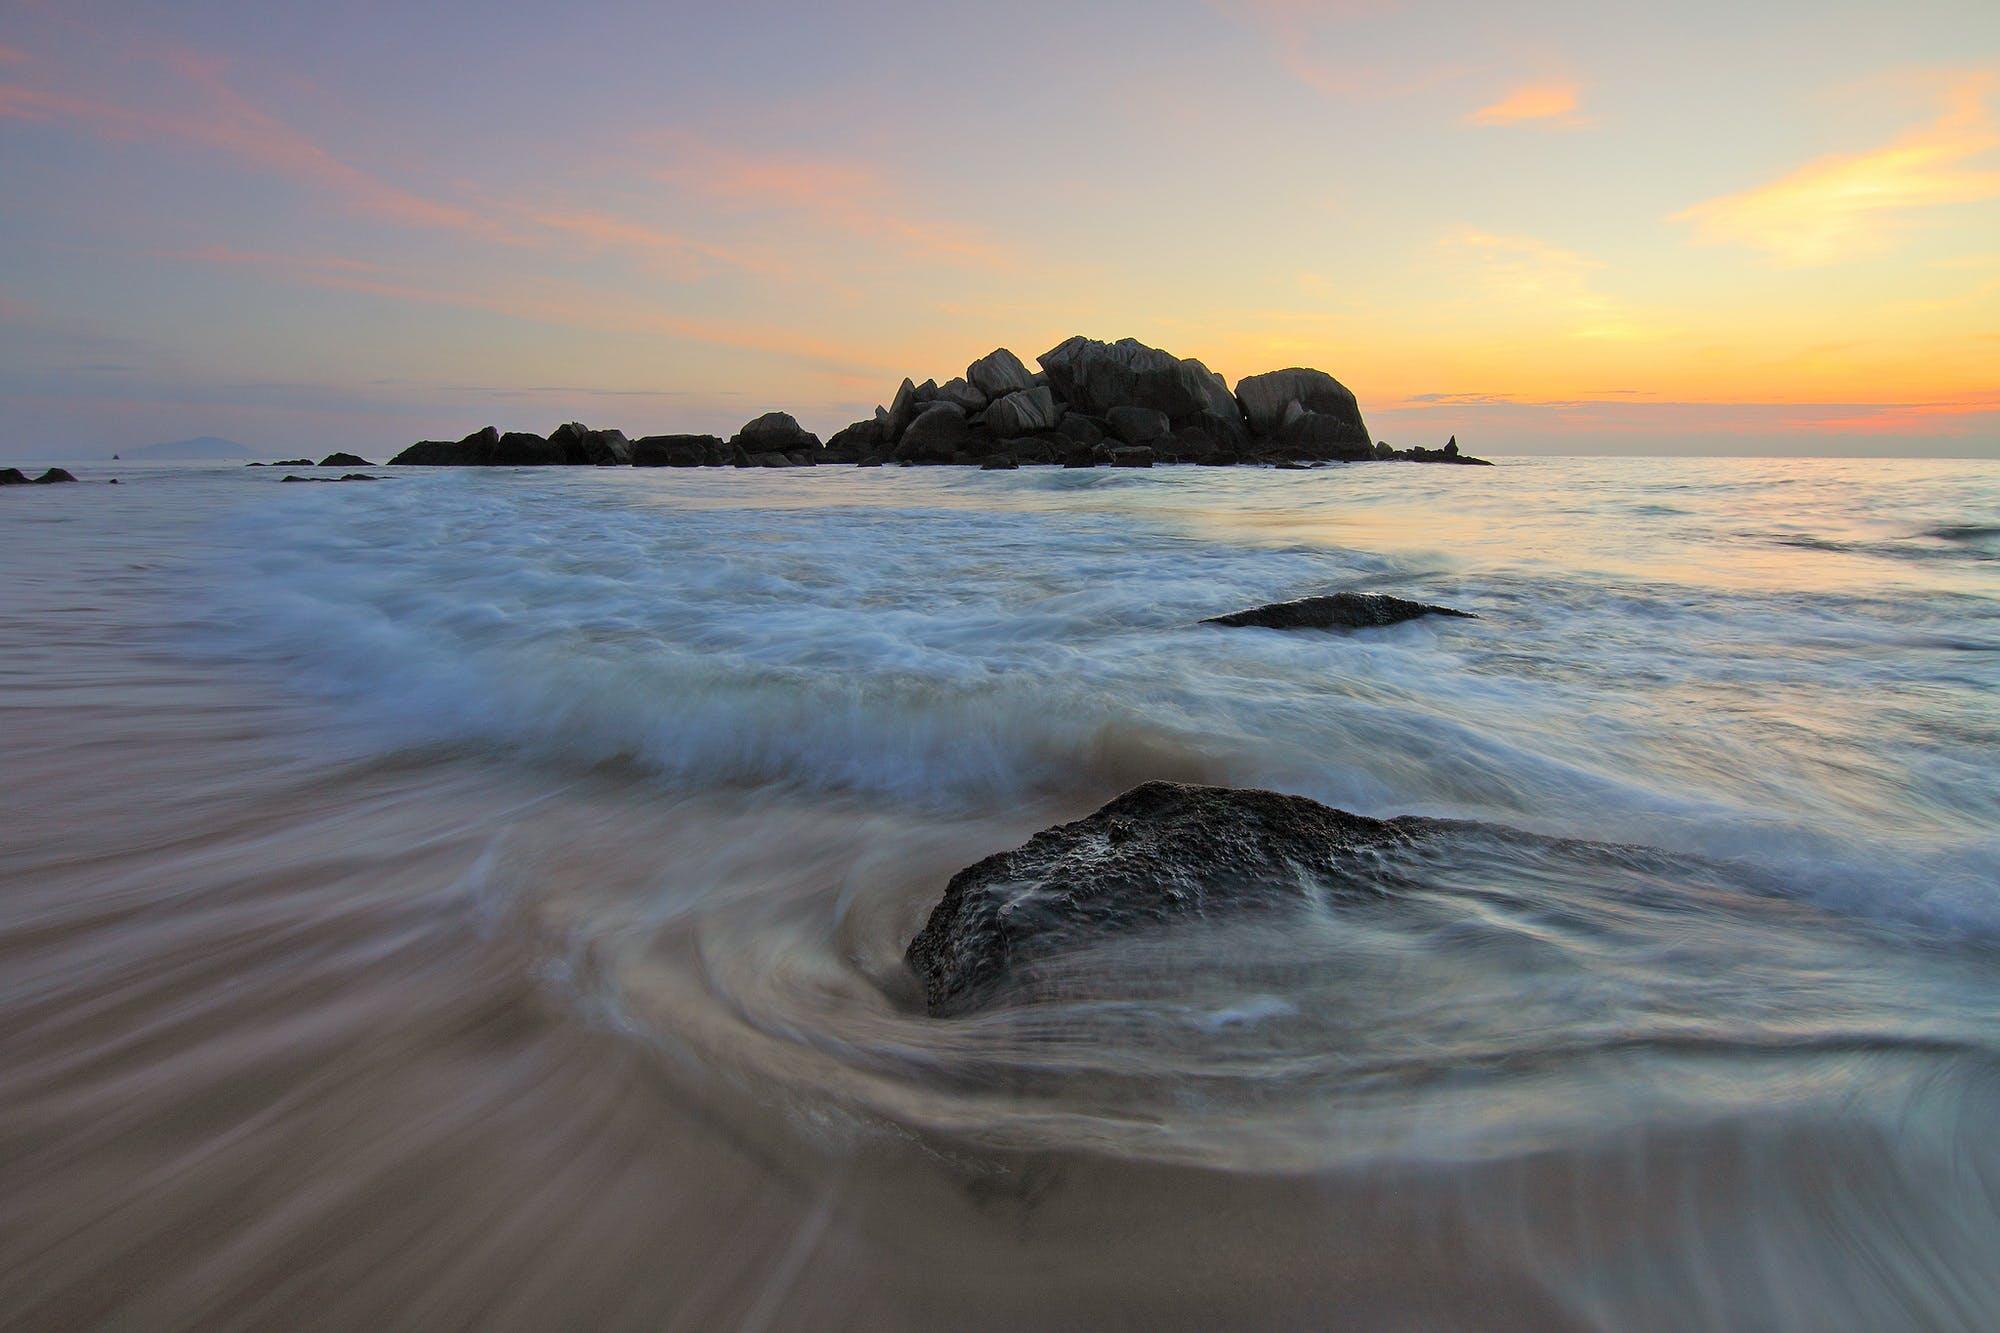 Gratis arkivbilde med bølger, daggry, fredelig, hav